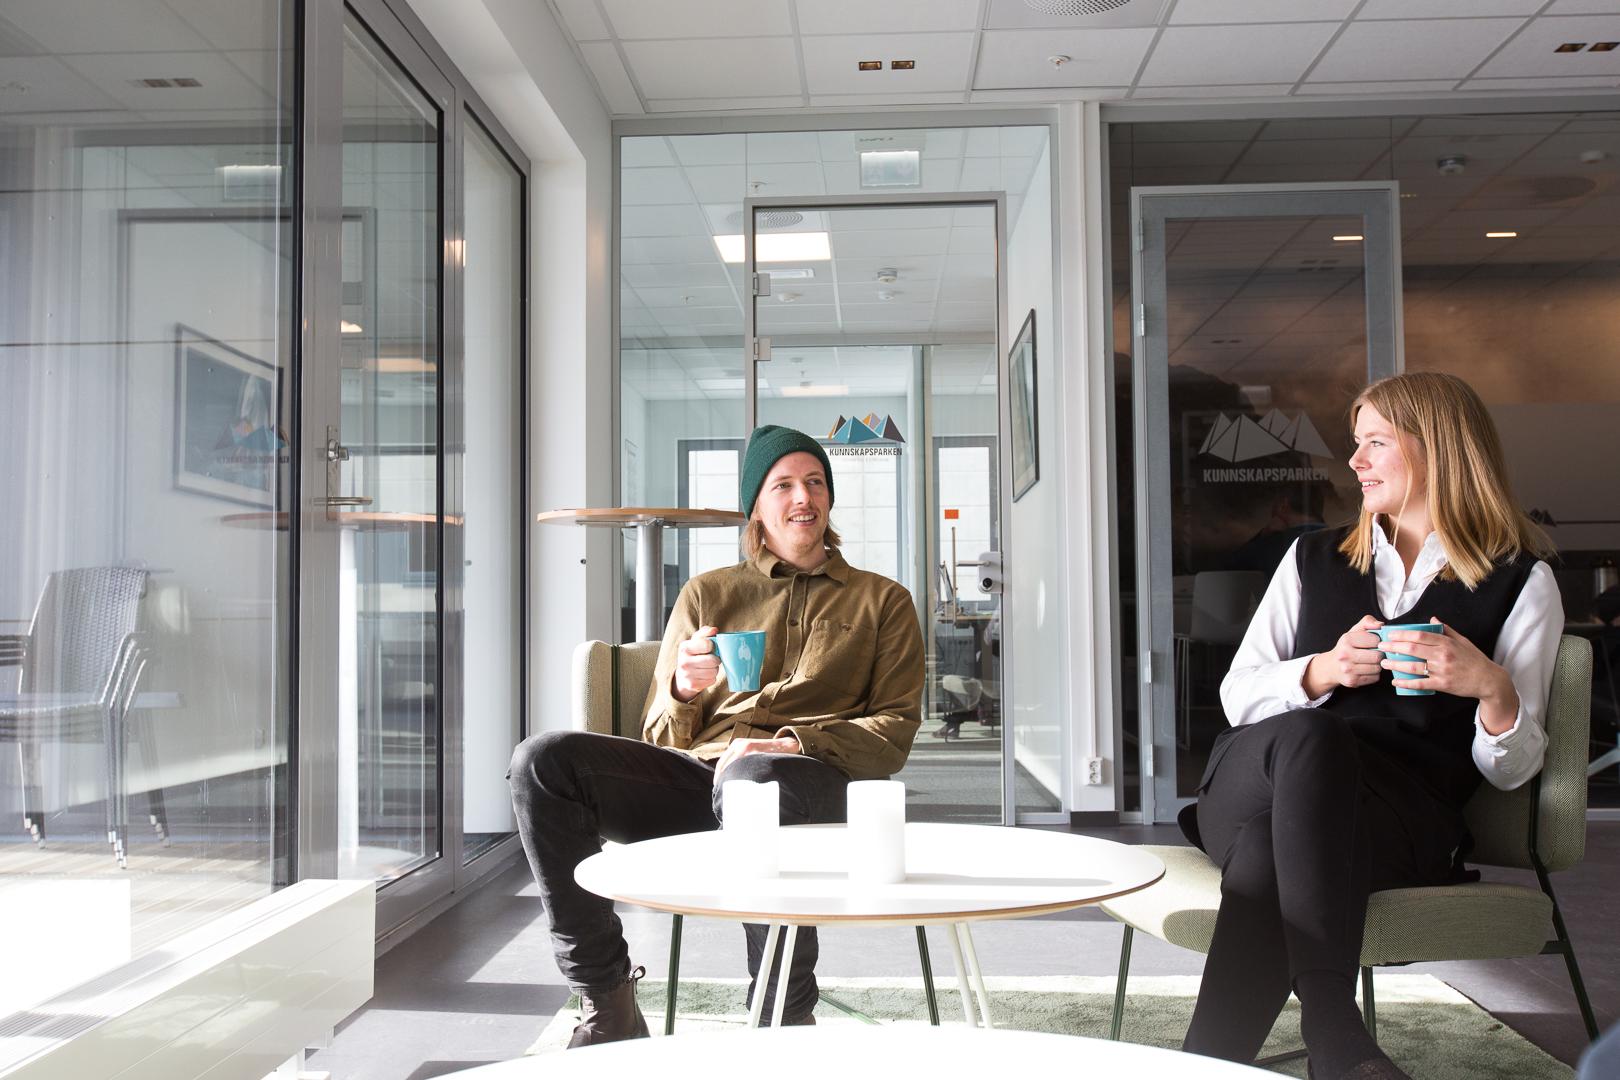 Kaffibar - Saman kaffibar ligg vegg i vegg med gründerlokalet FuS. Saman kaffibar serverer enkle lunsjmåltider og fantastisk kaffe. Dei to baristane i kaffibaren er svært interesserte og dyktige i faget sittFuS kan bruke kaffibaren til å ete, drikke, arbeide eller netverke. Du treng ikkje vere medlem av FUS for å bruke kaffibaren – den er open for alle!